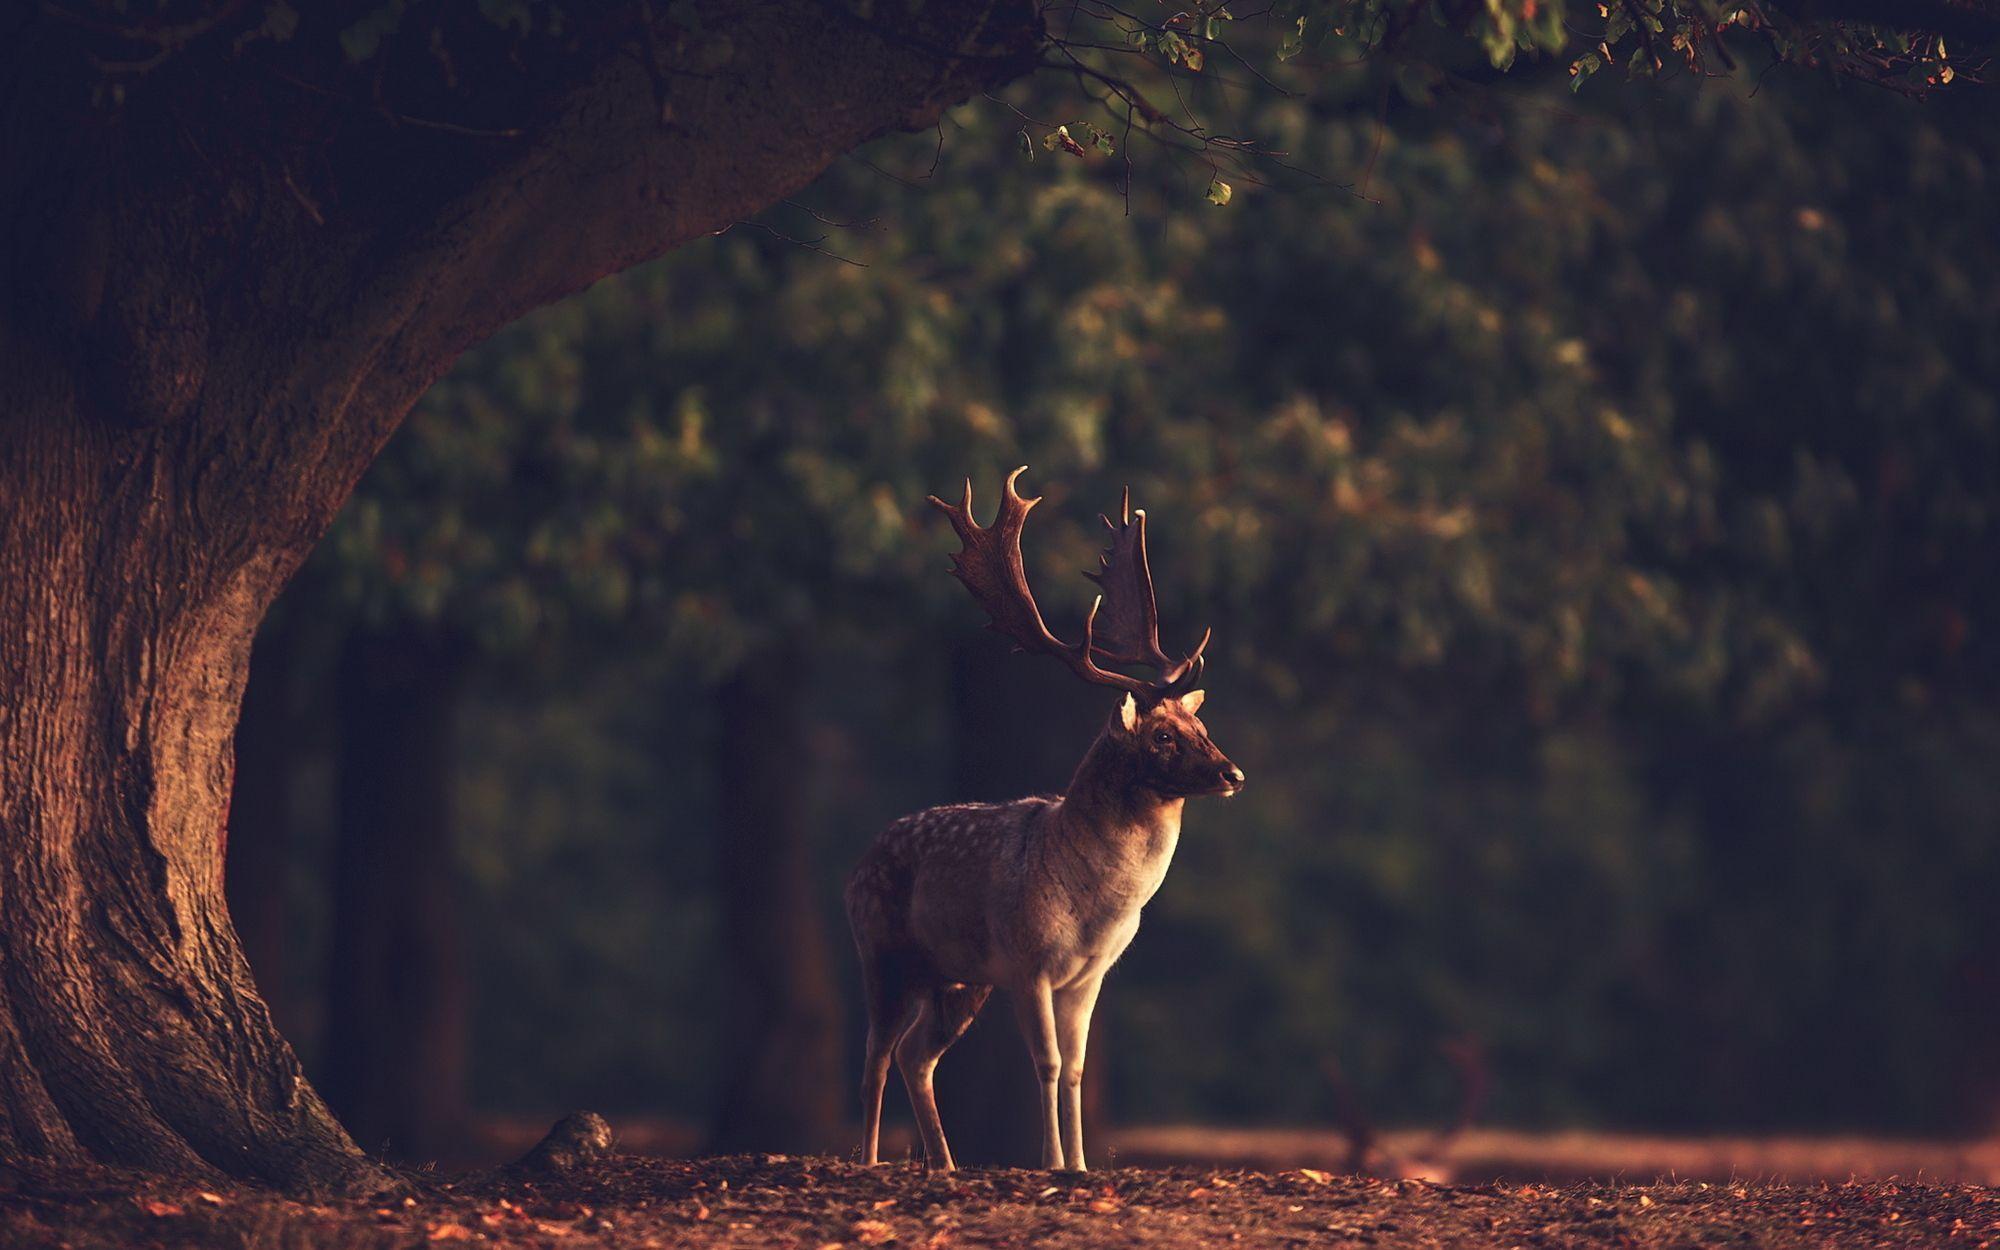 deer wallpaper for my desktop - photo #14